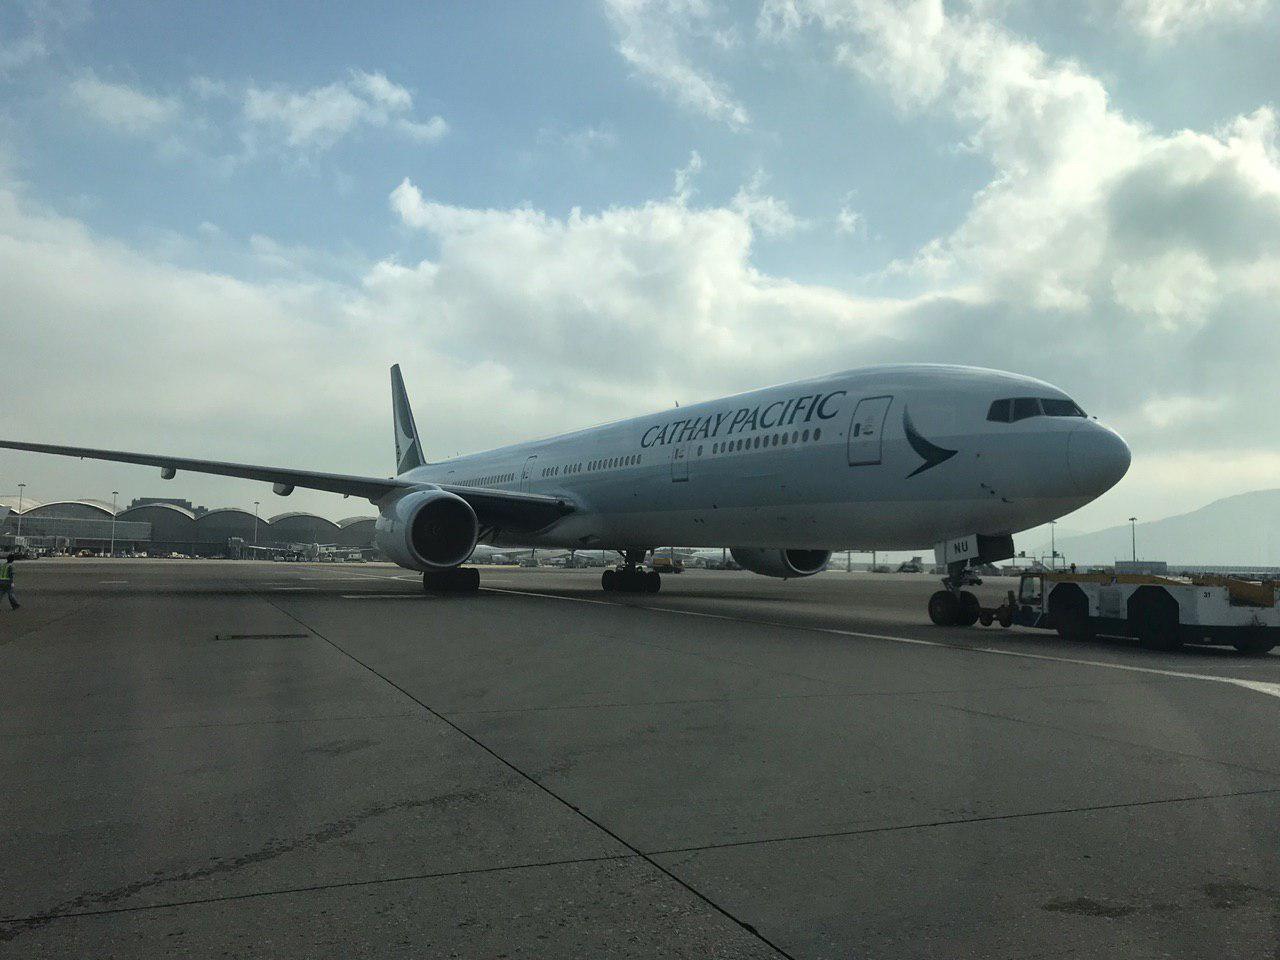 國泰航空確認該公司正積極商談一項涉及香港快運的收購事項。 (林怡/大紀元)